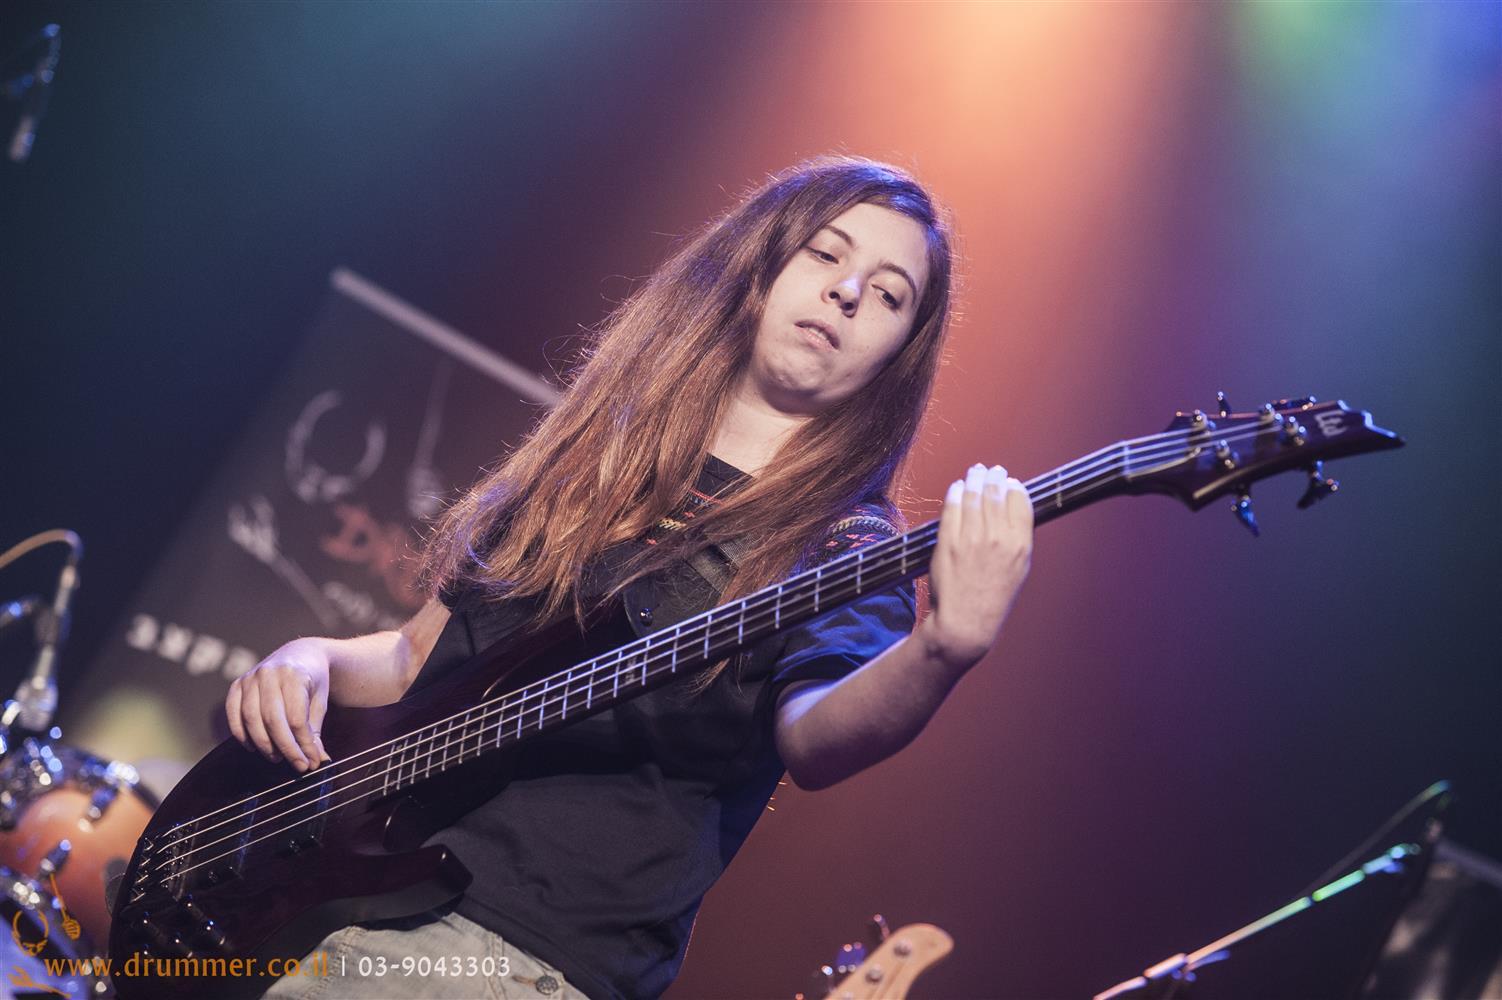 לימוד גיטרה בס - דראמר בית הספר למוסיקה של פתח תקווה